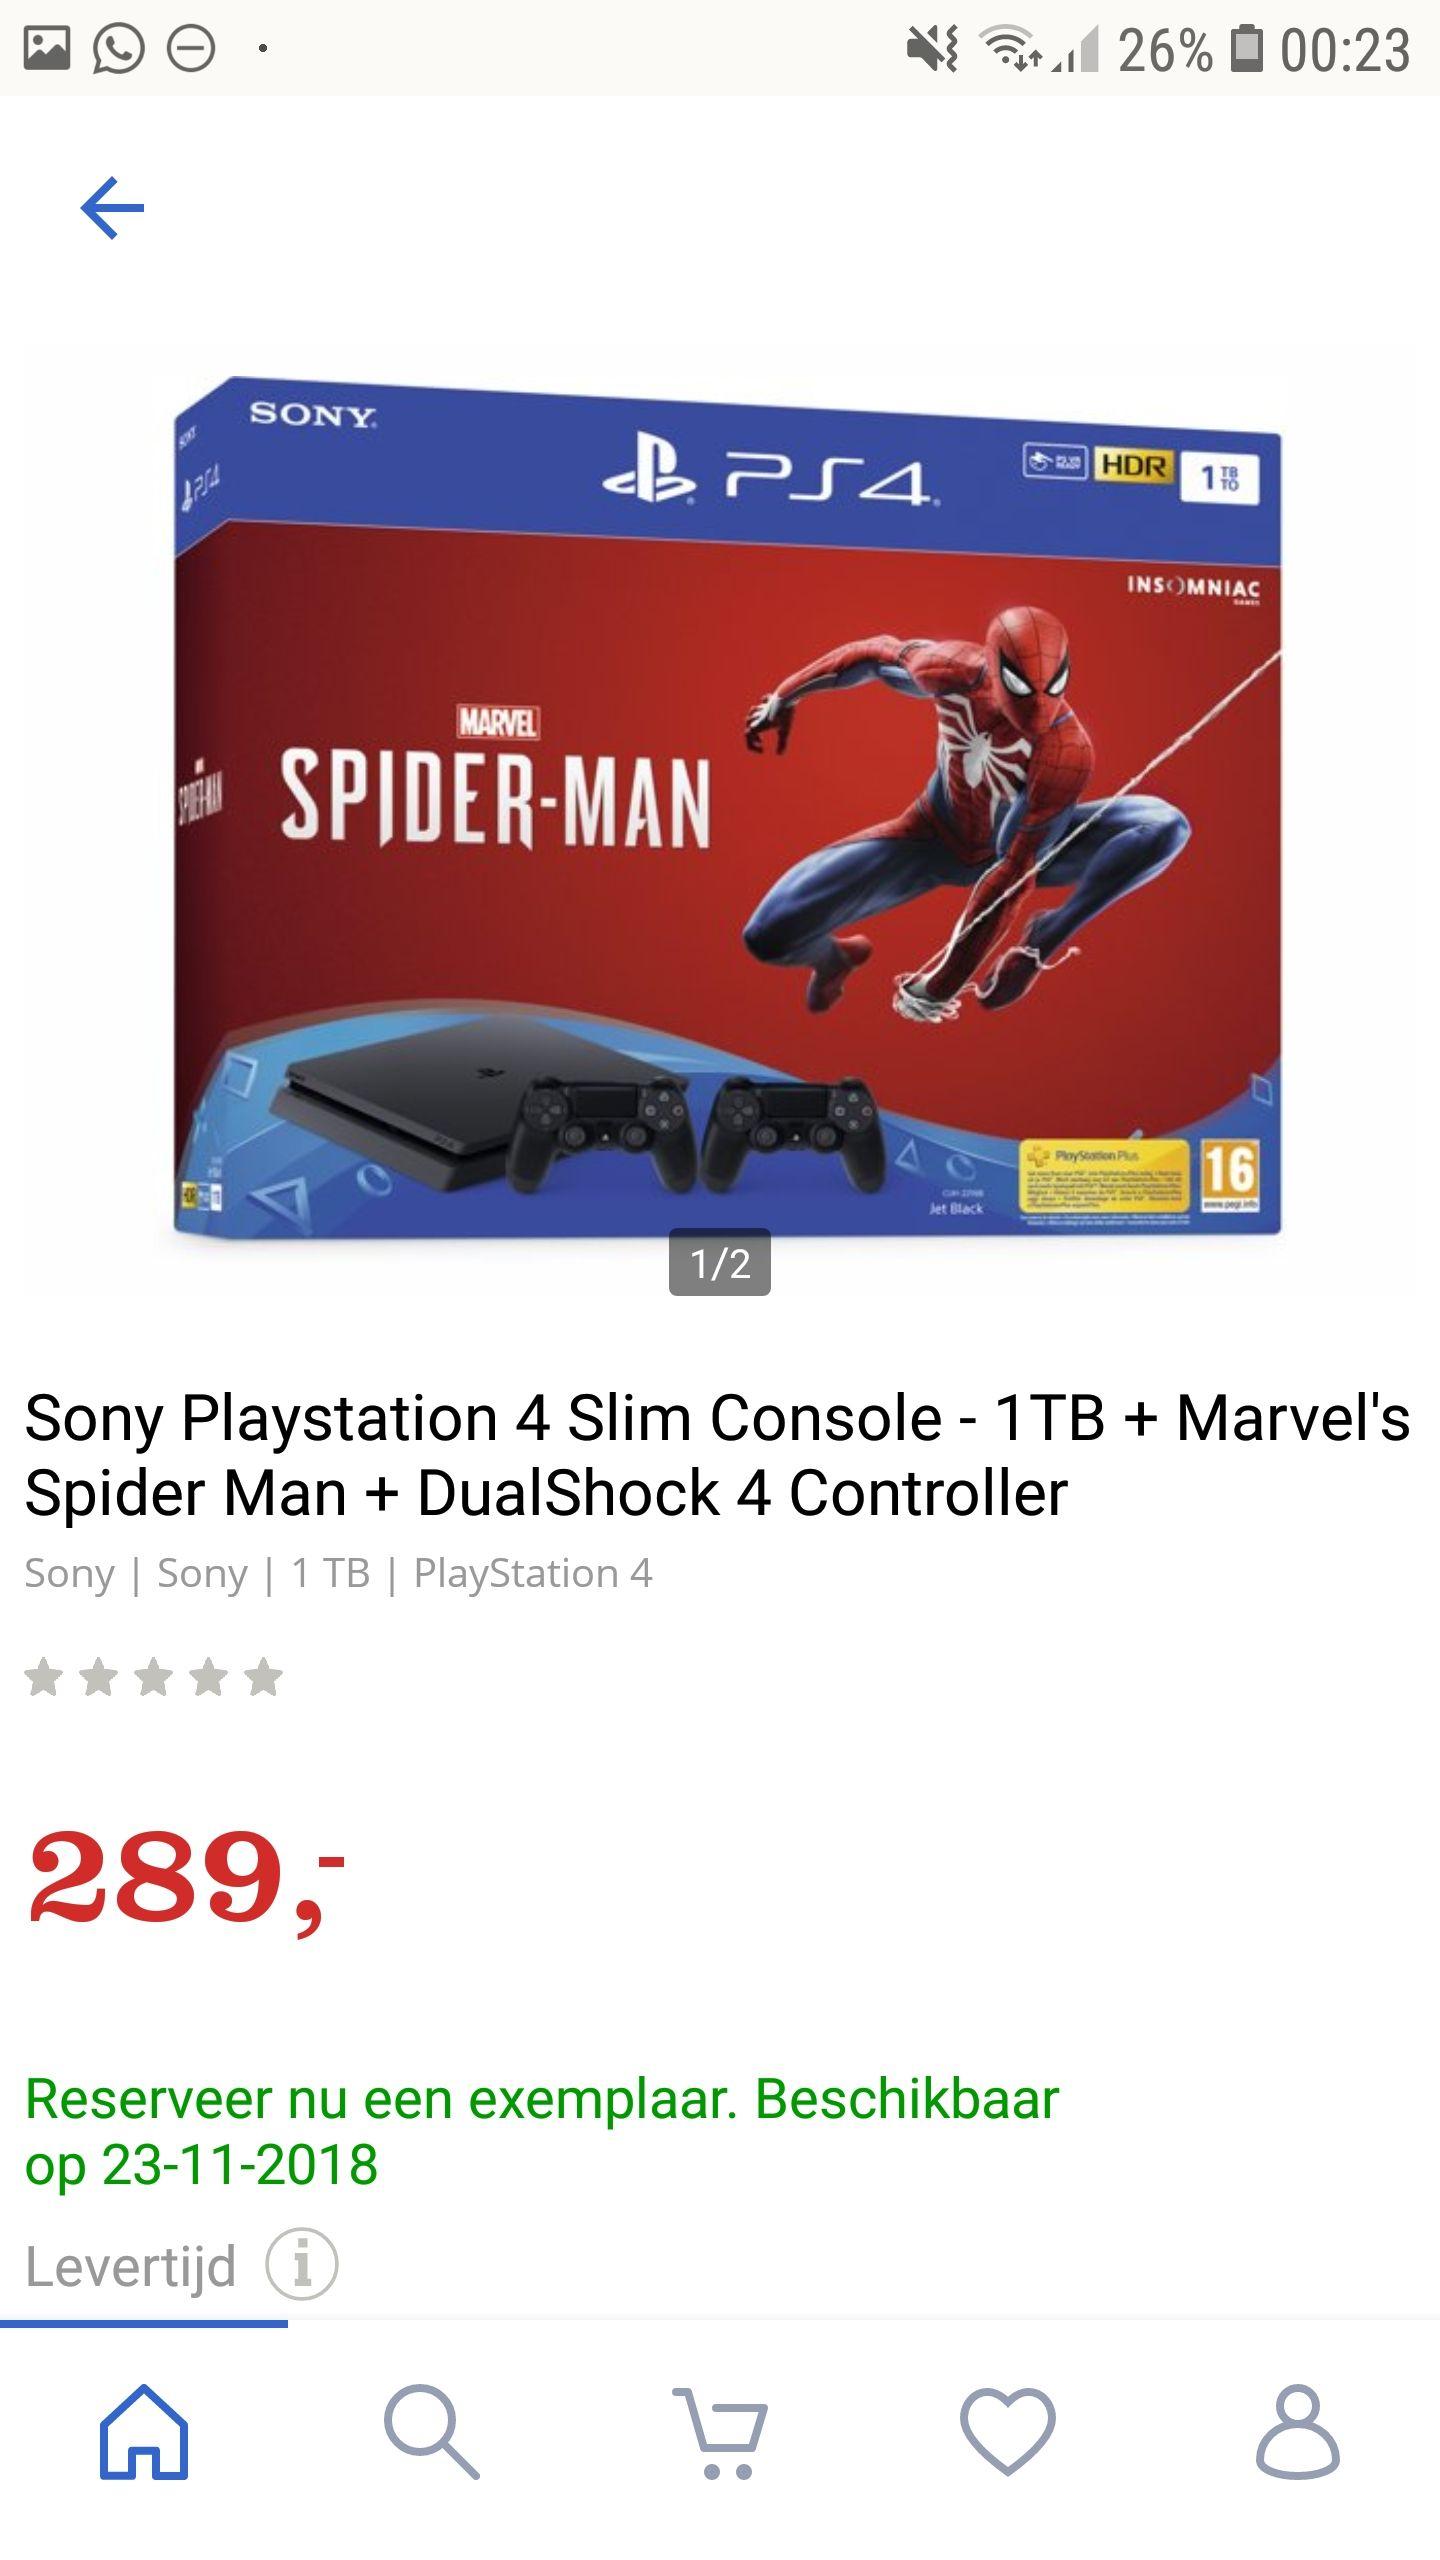 PlayStation 4 slim + Spiderman + 2 DualShock 4 controllers